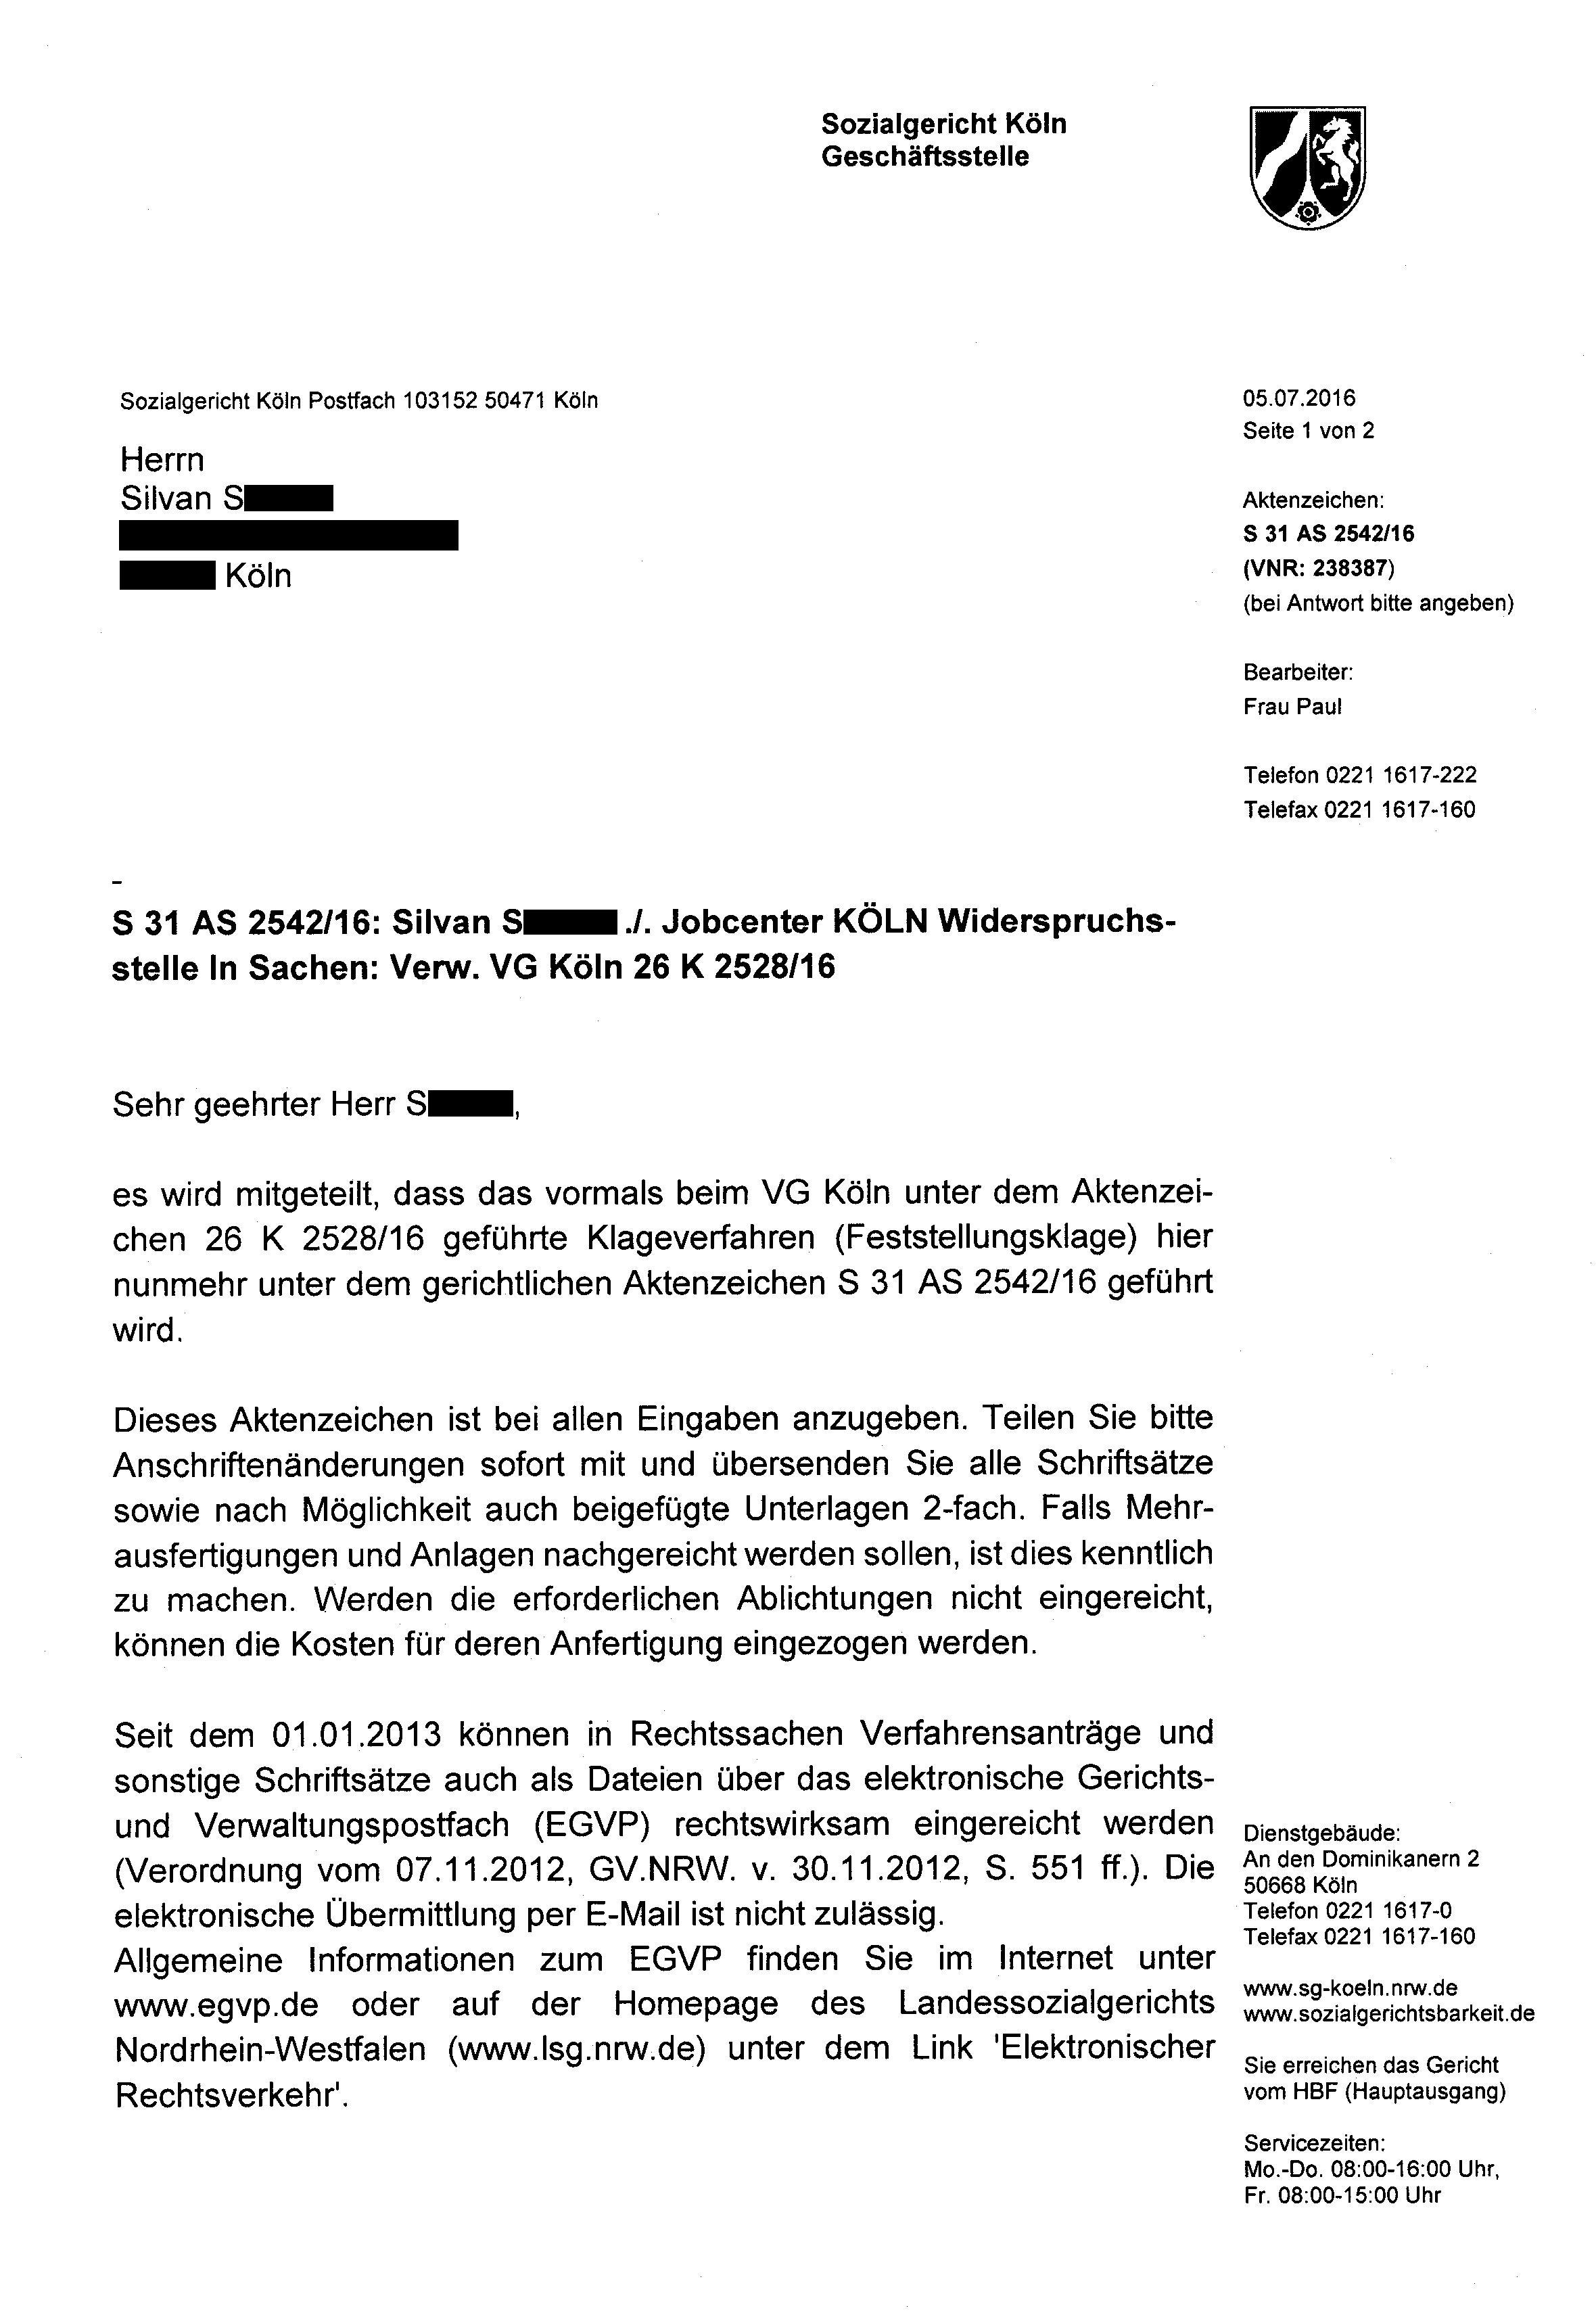 Briefe Mit Anlagen : Verwaltungsgericht köln brd nazi justiz von dj silvan